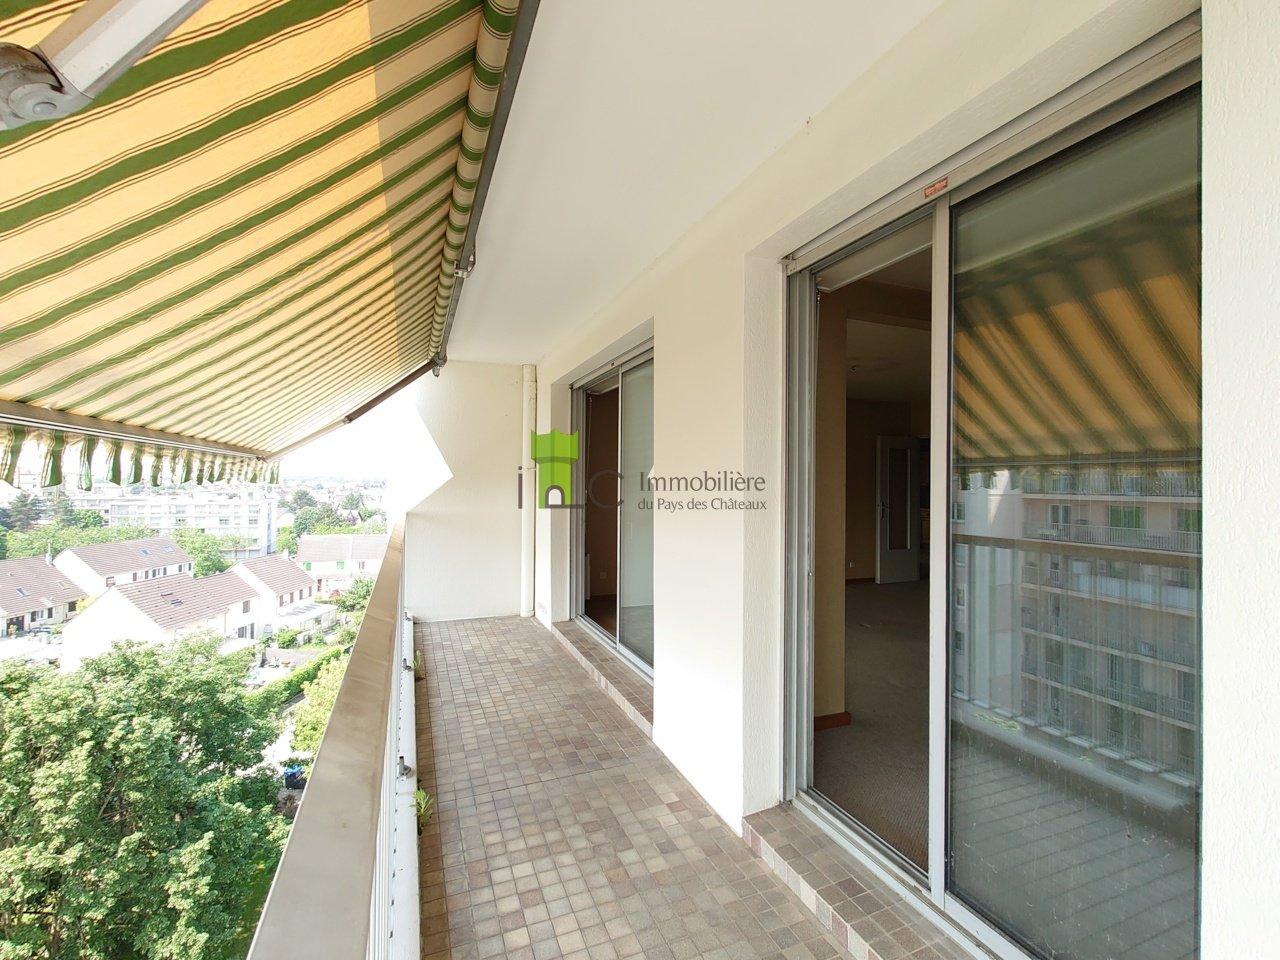 Appartement familial 5P au Dernier étage, Double garage, Parking, Terrasse, Balcon, Cave